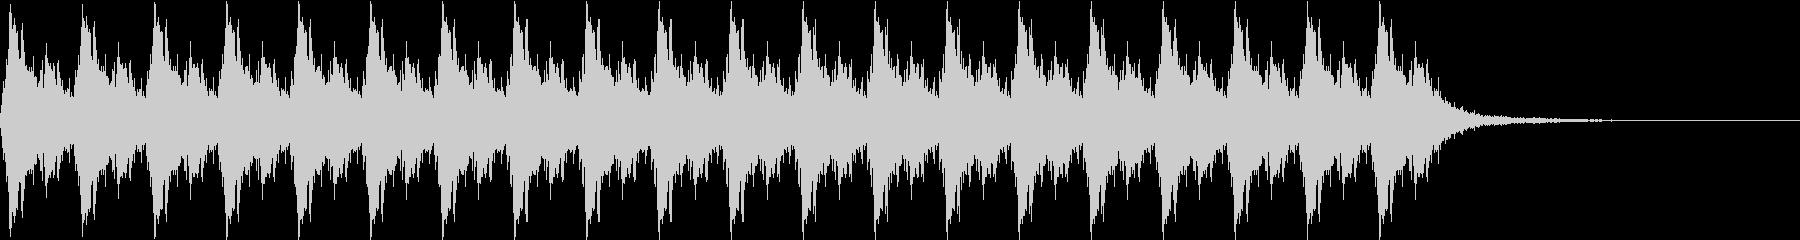 クリスマス サンタの鈴 10秒間の未再生の波形